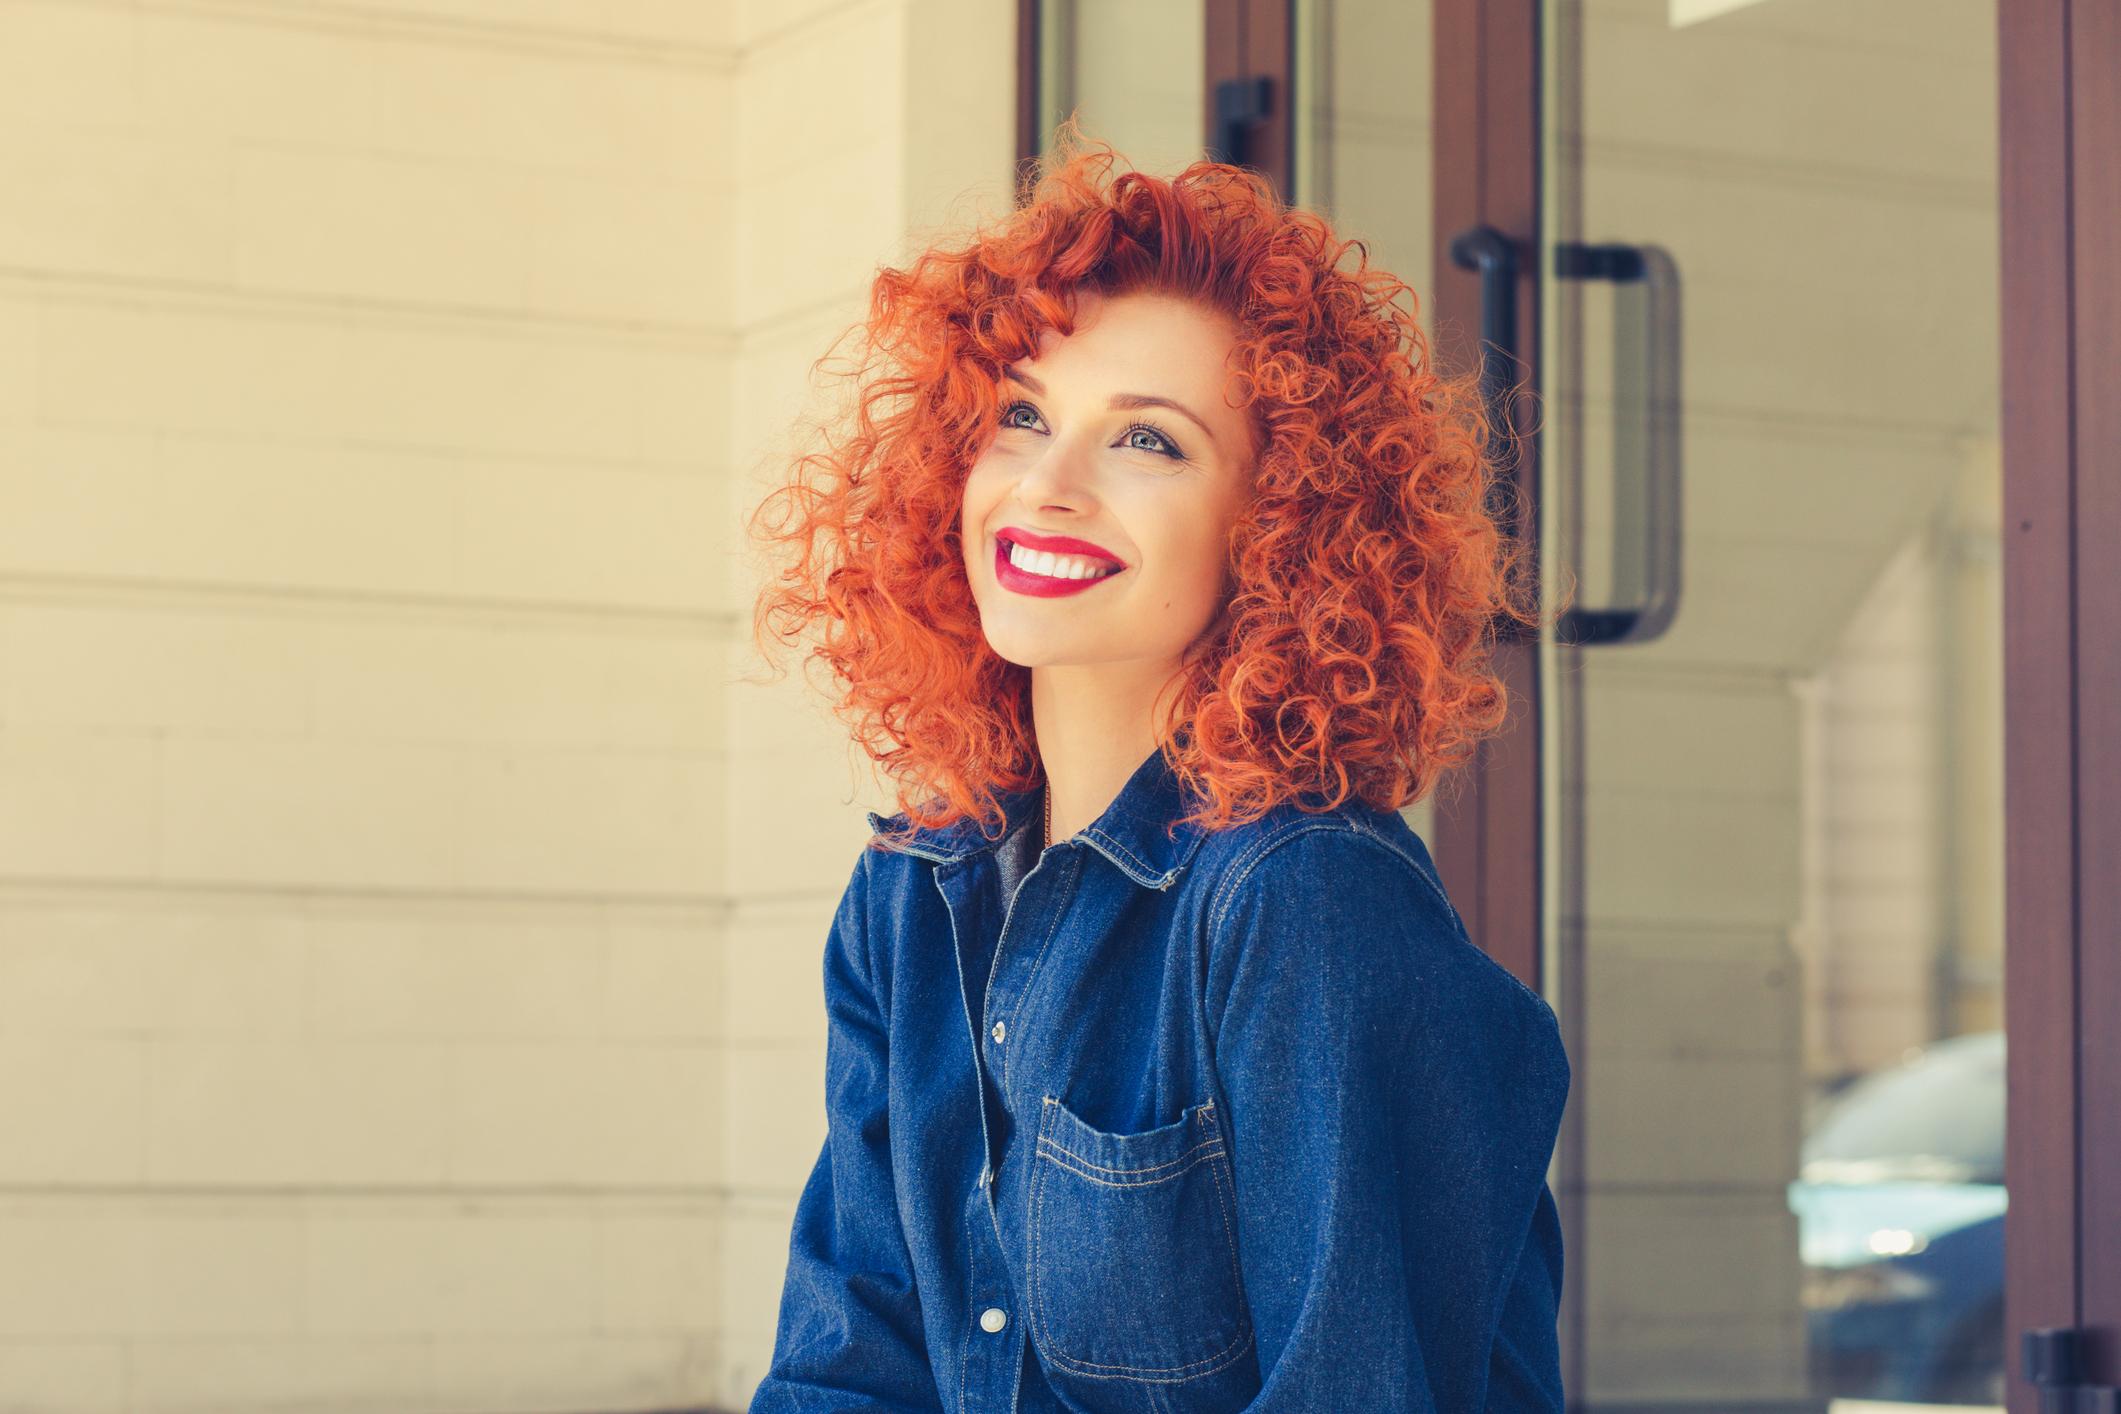 cabelo cobre6 - Cabelo cobre: conheça os diferentes tons de ruivo e dicas para apostar na cor